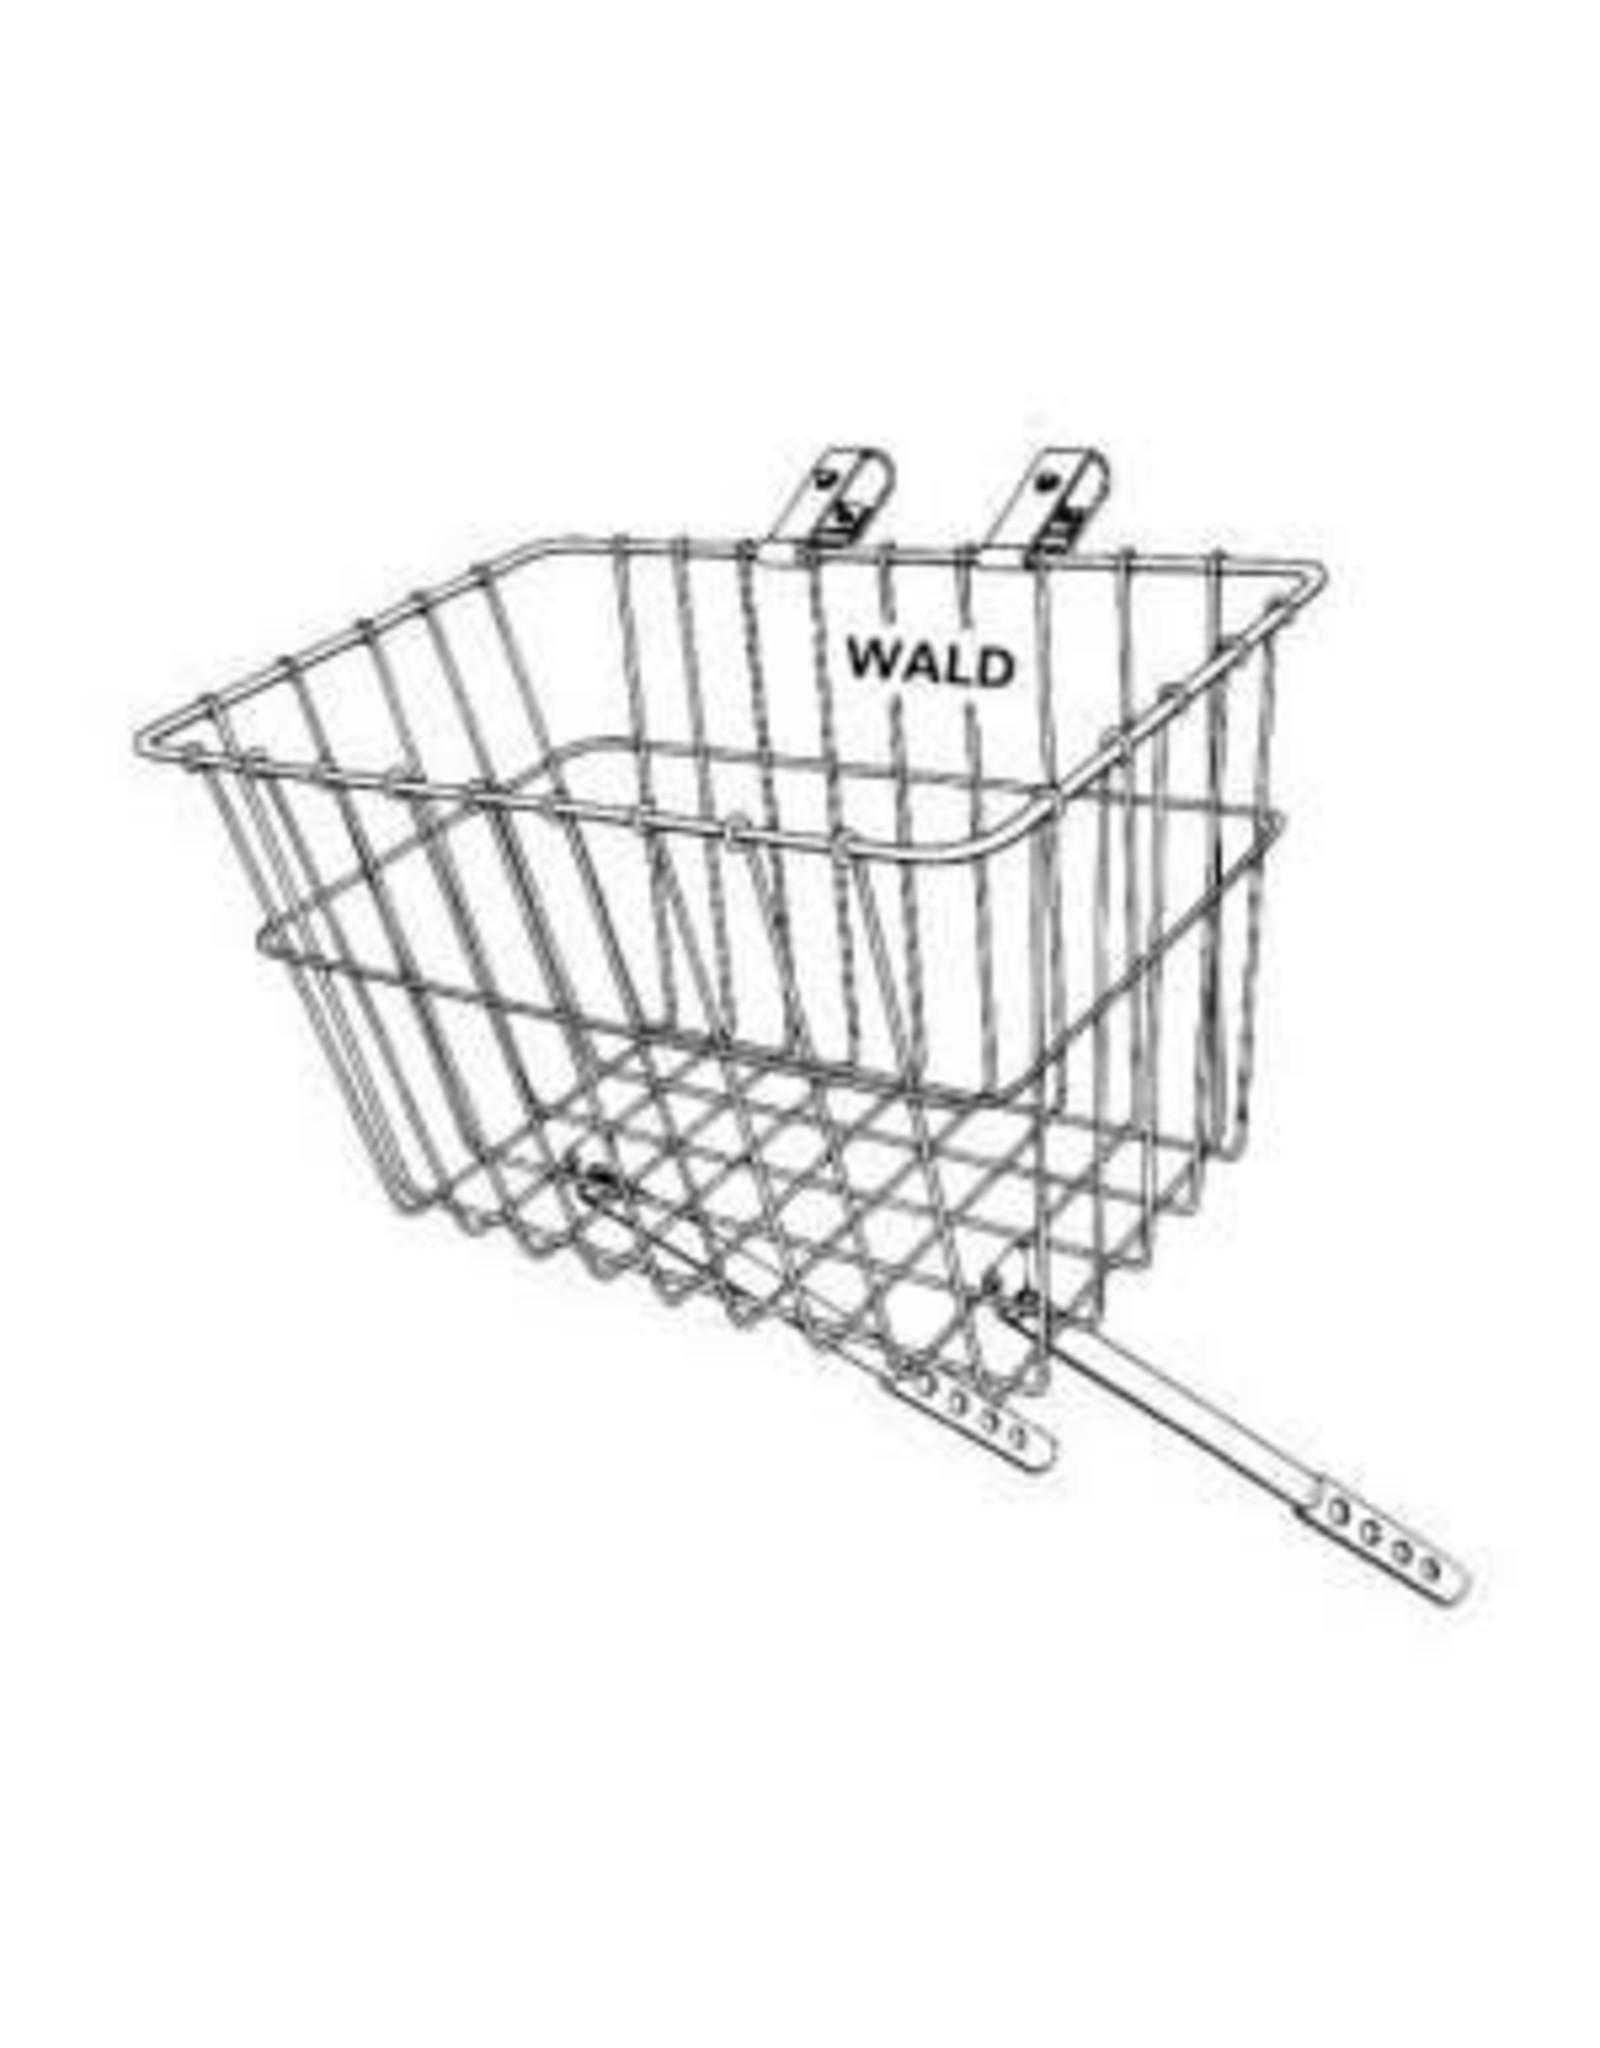 WALD Front Basket